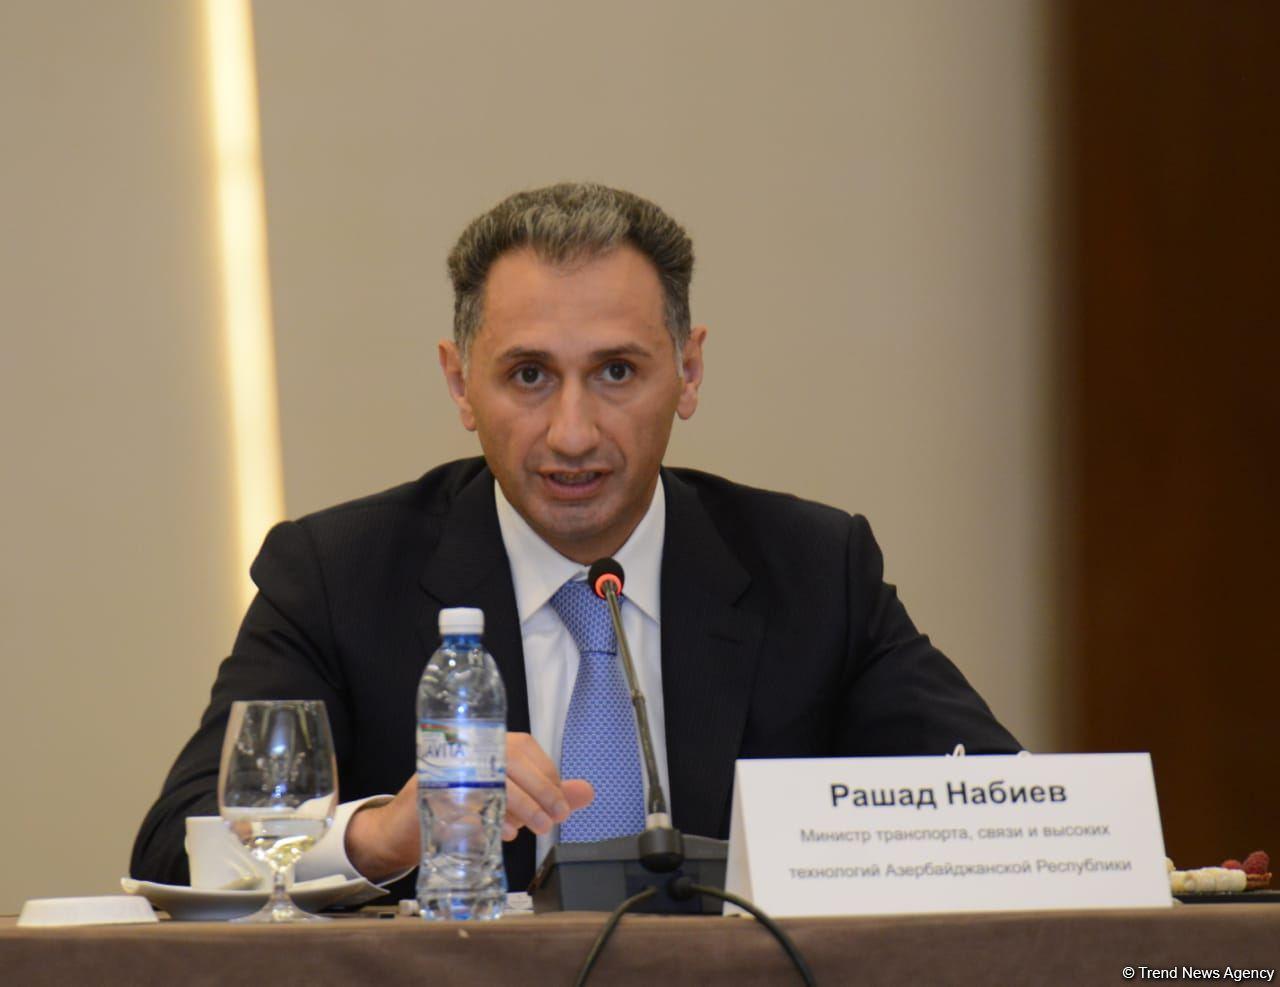 Азербайджан готов применить опыт американских компаний в сфере «умных технологий» - министр